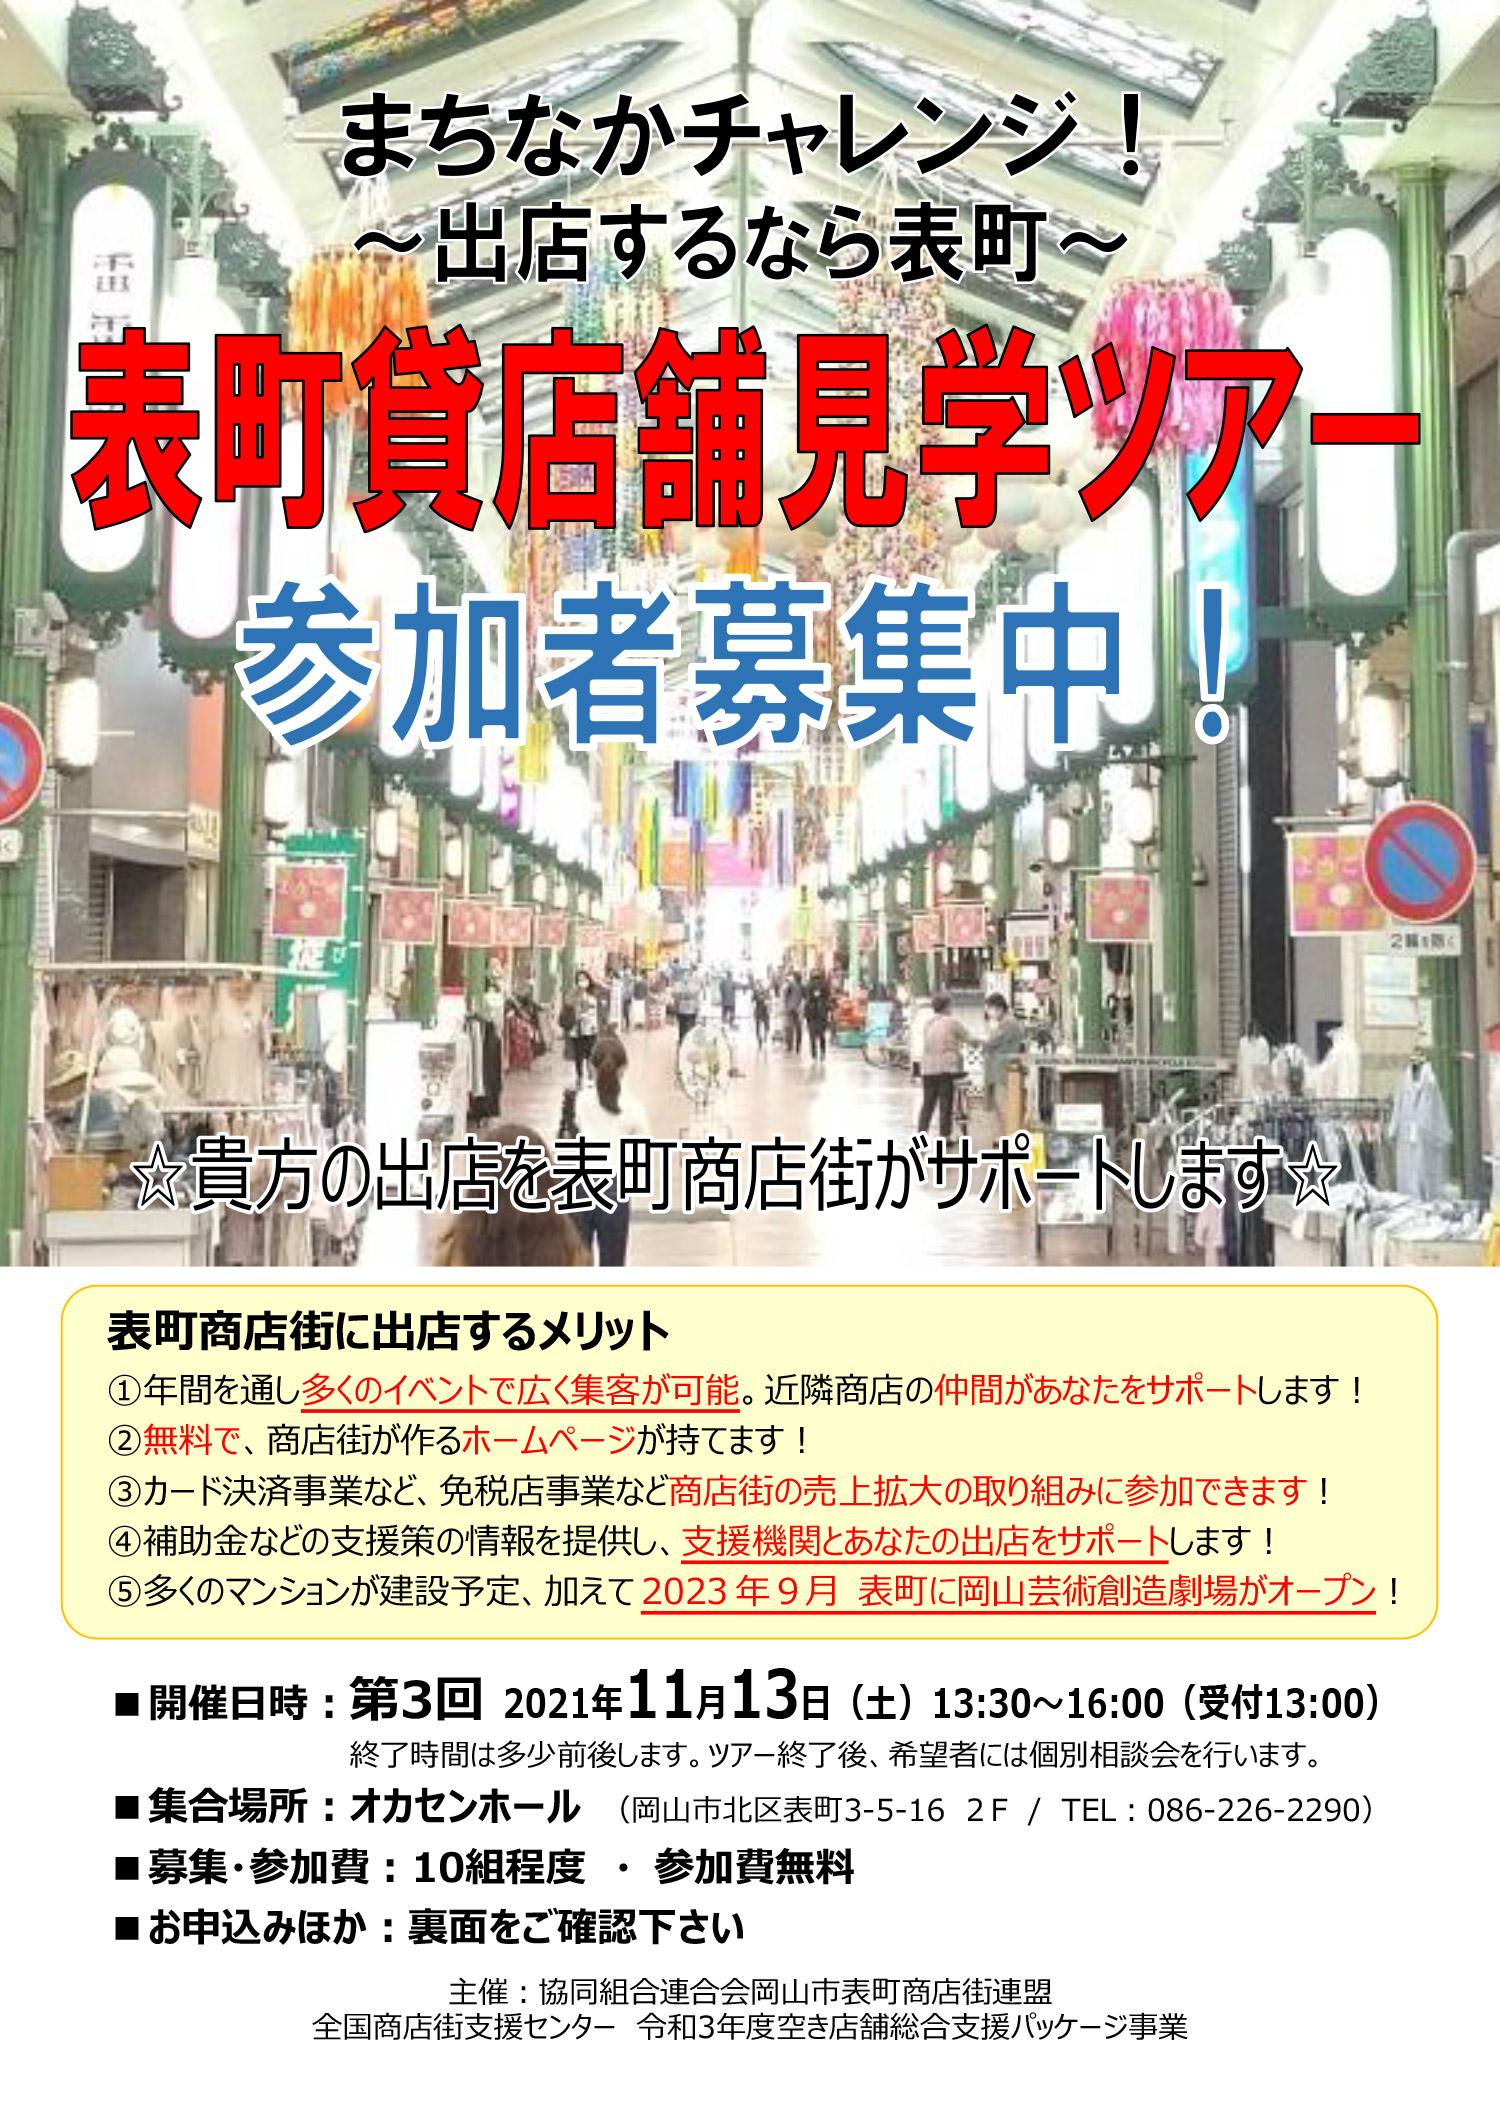 20211113_表町空き店舗ツアーチラシ3-1